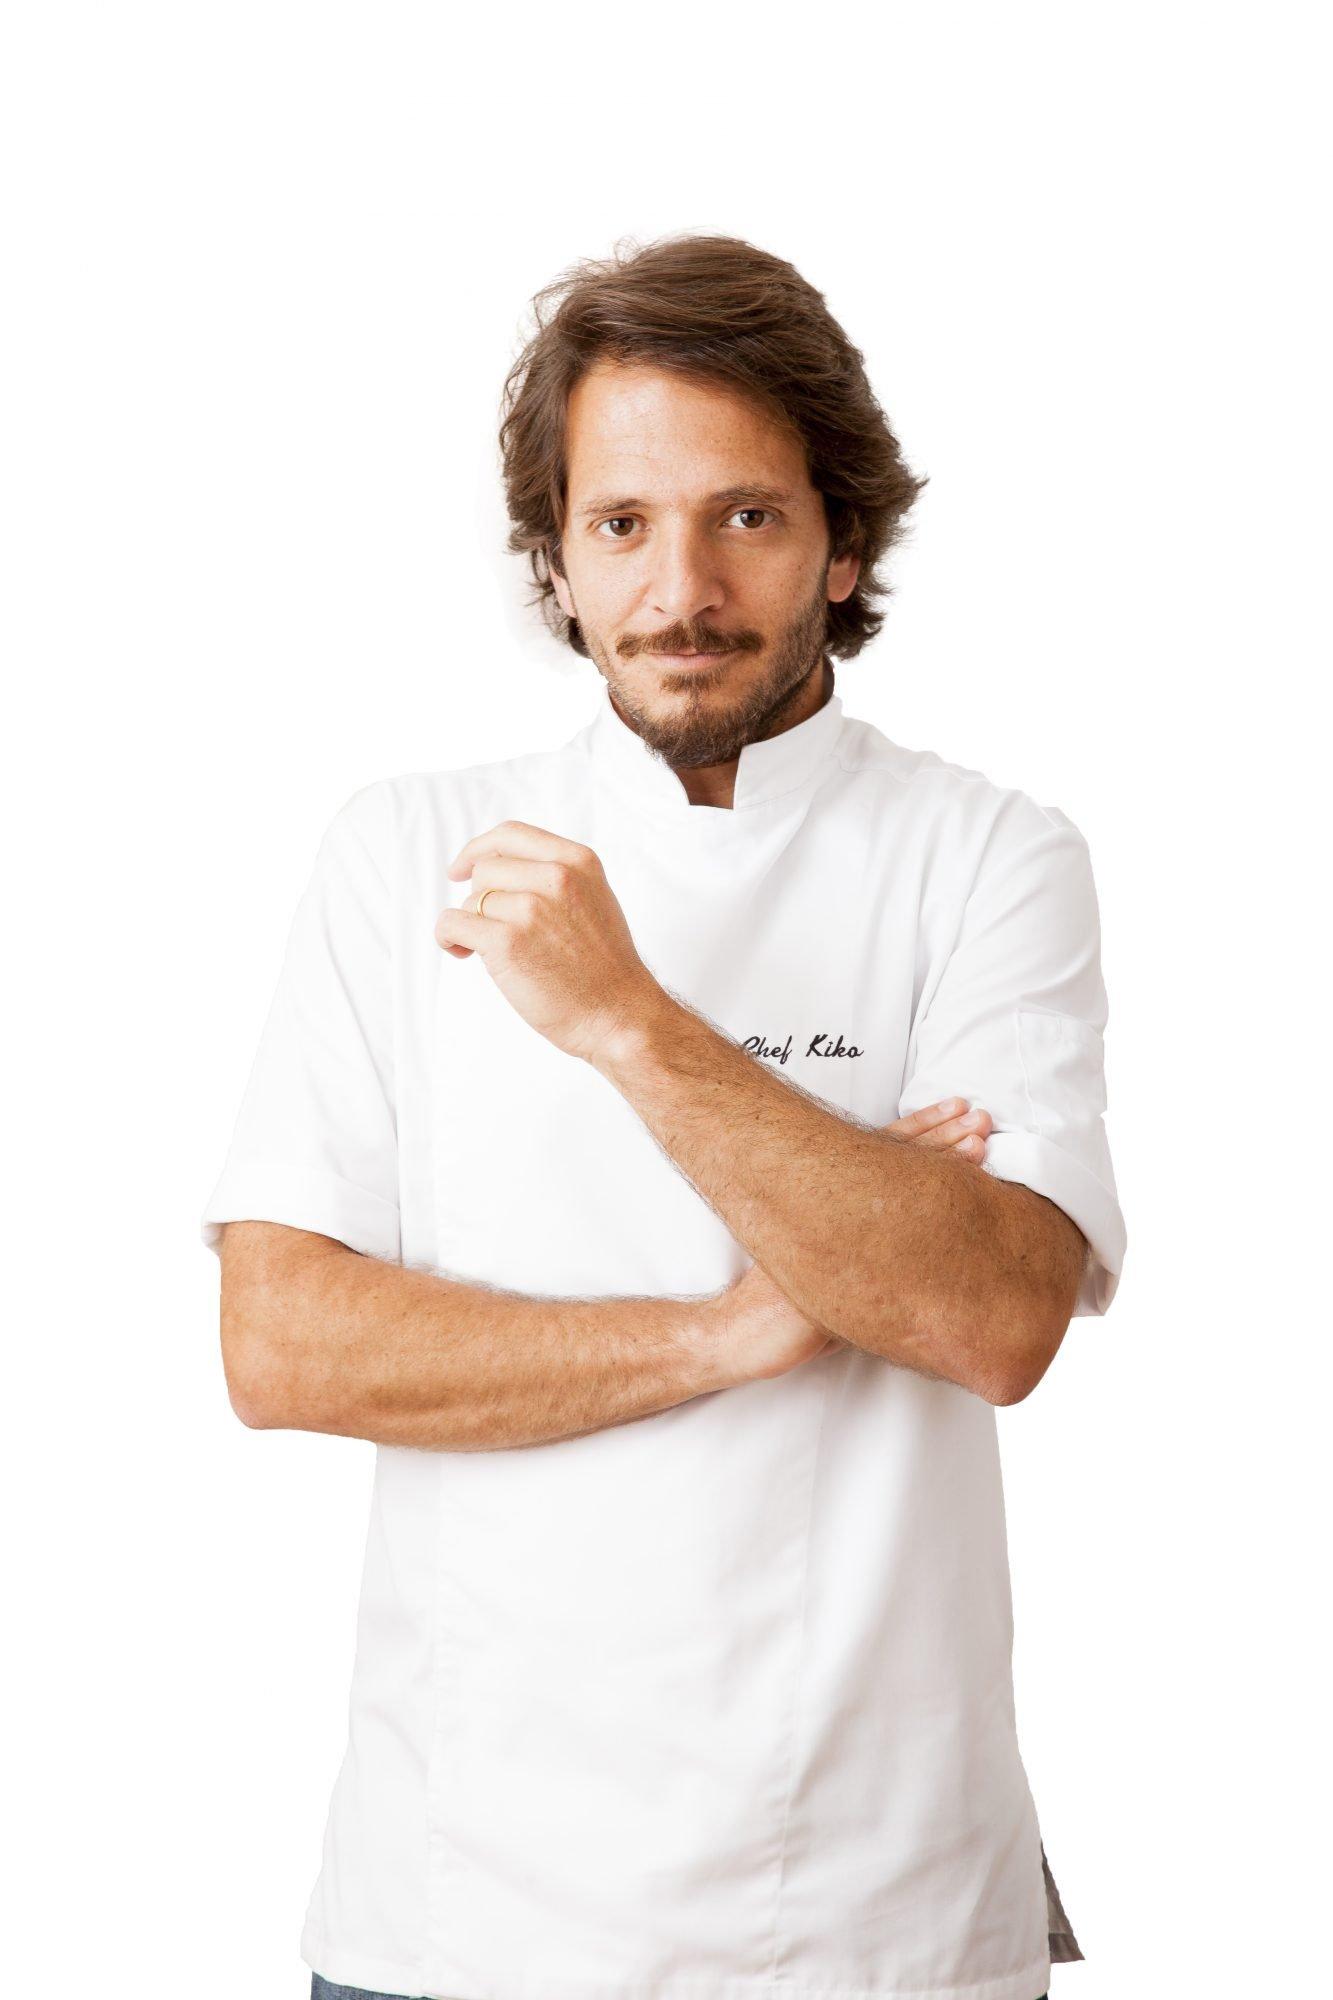 Chef_Kiko HD